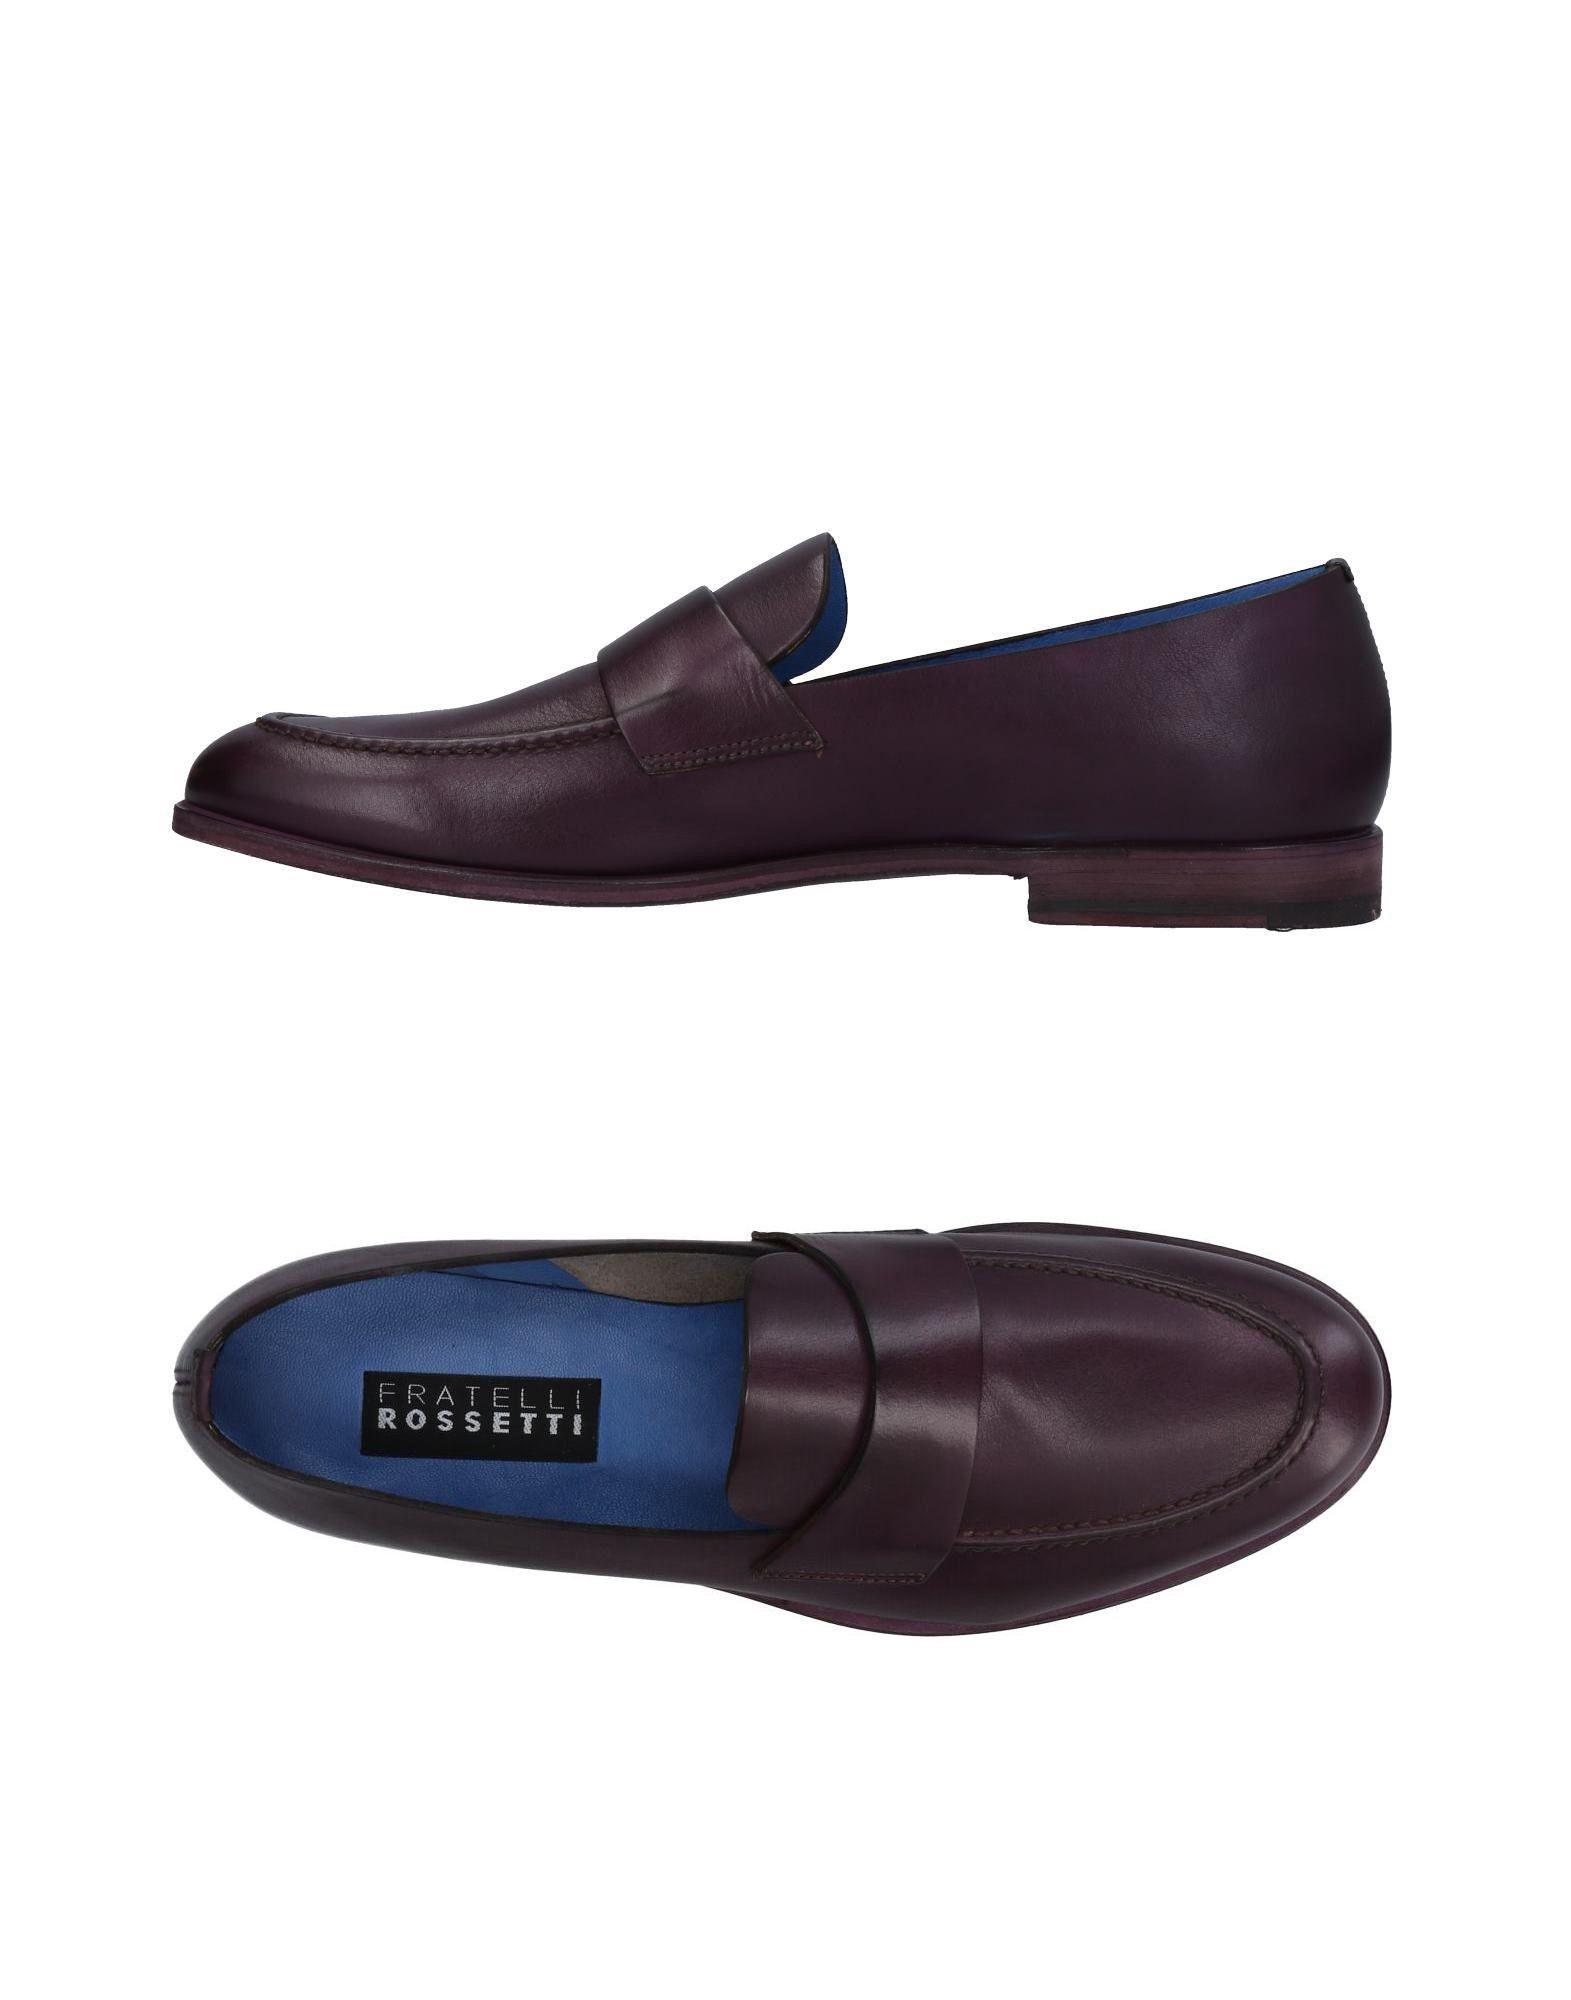 Fratelli Rossetti Gute Mokassins Herren  11217593NA Gute Rossetti Qualität beliebte Schuhe d399d9